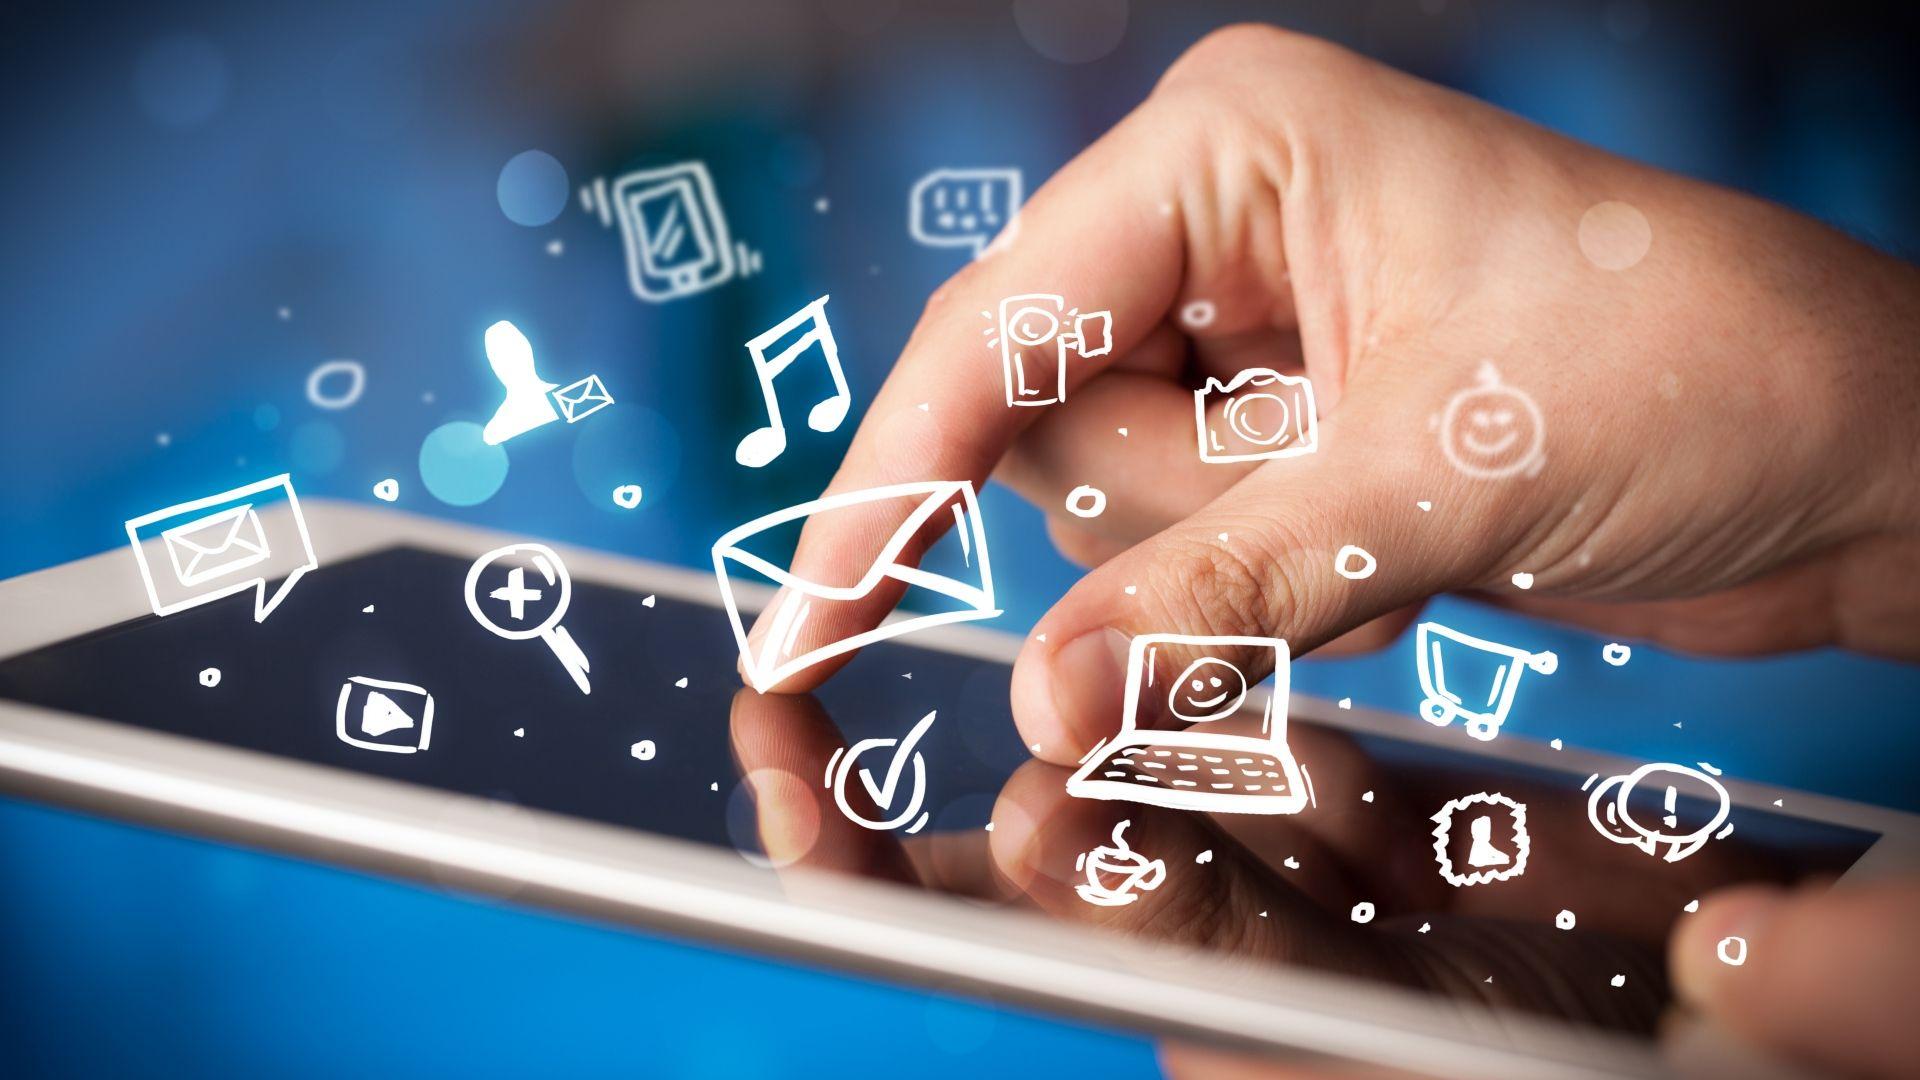 Обои смартфон, Интернет, социальные сети. HI-Tech foto 15